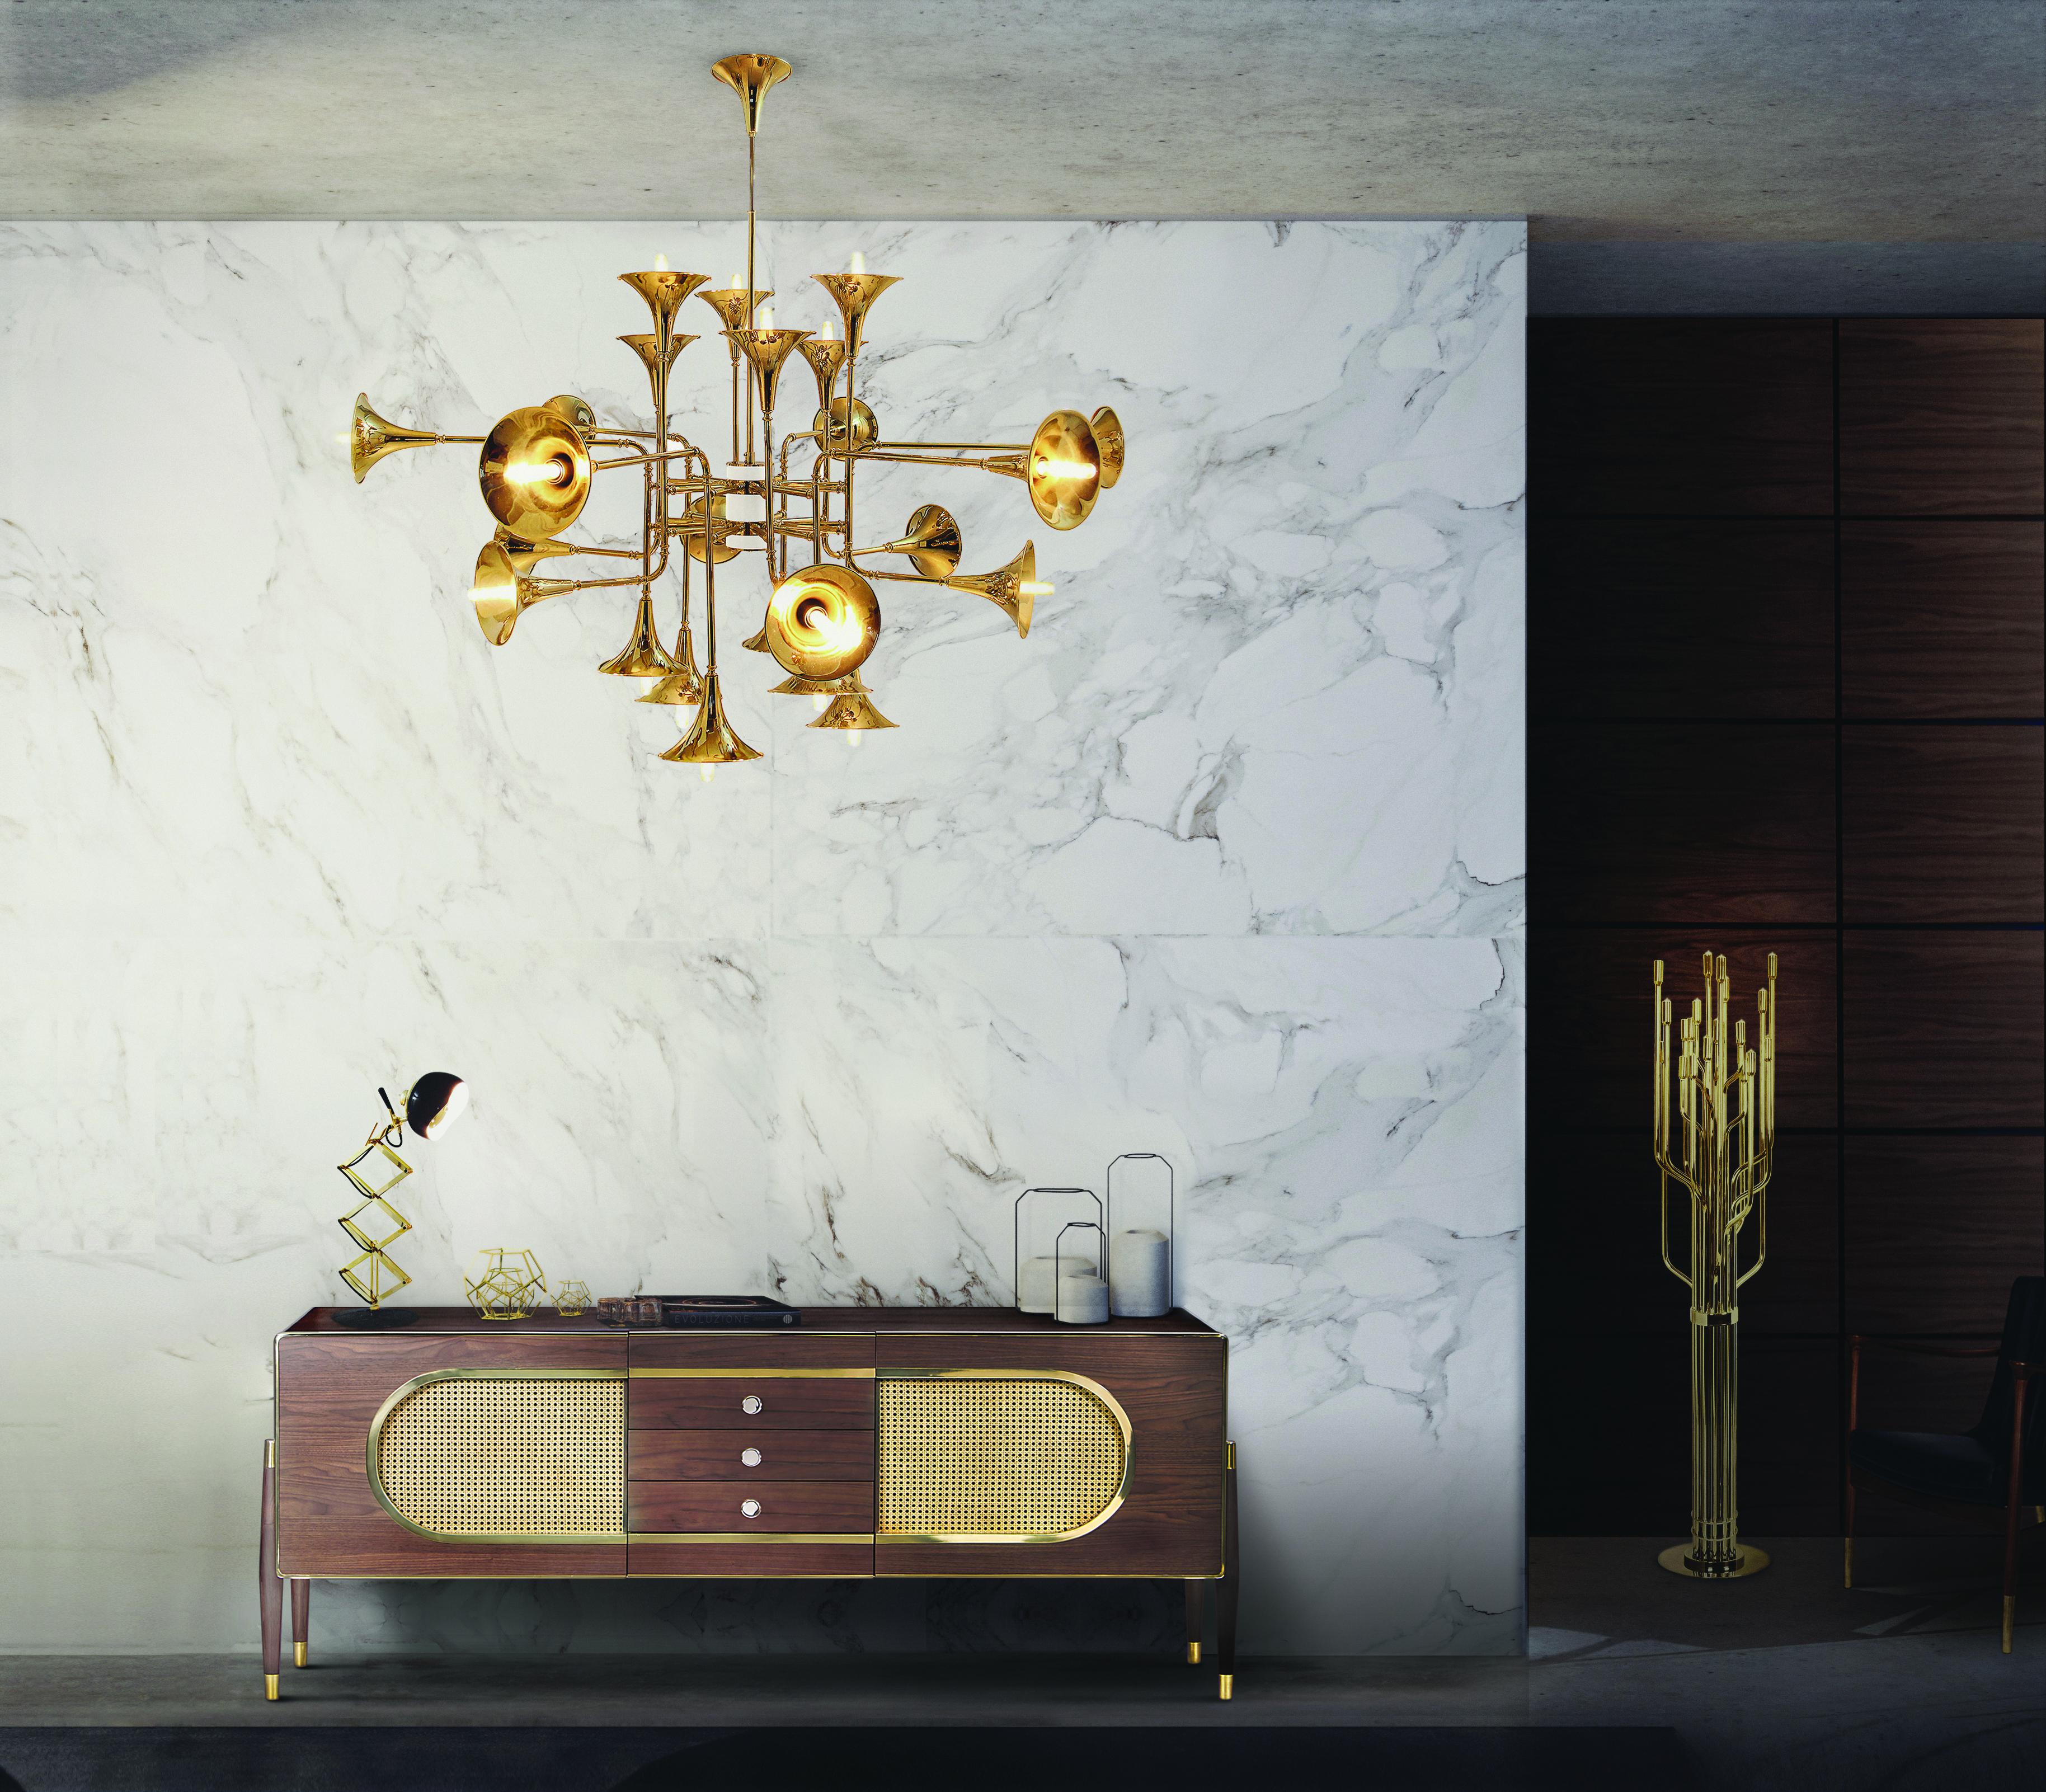 maison et objet 2017  Hermosa Colección de Lámparas de DelightFULL en Maison et Objet 2017 delightfull botti suspension lamp ambience 02